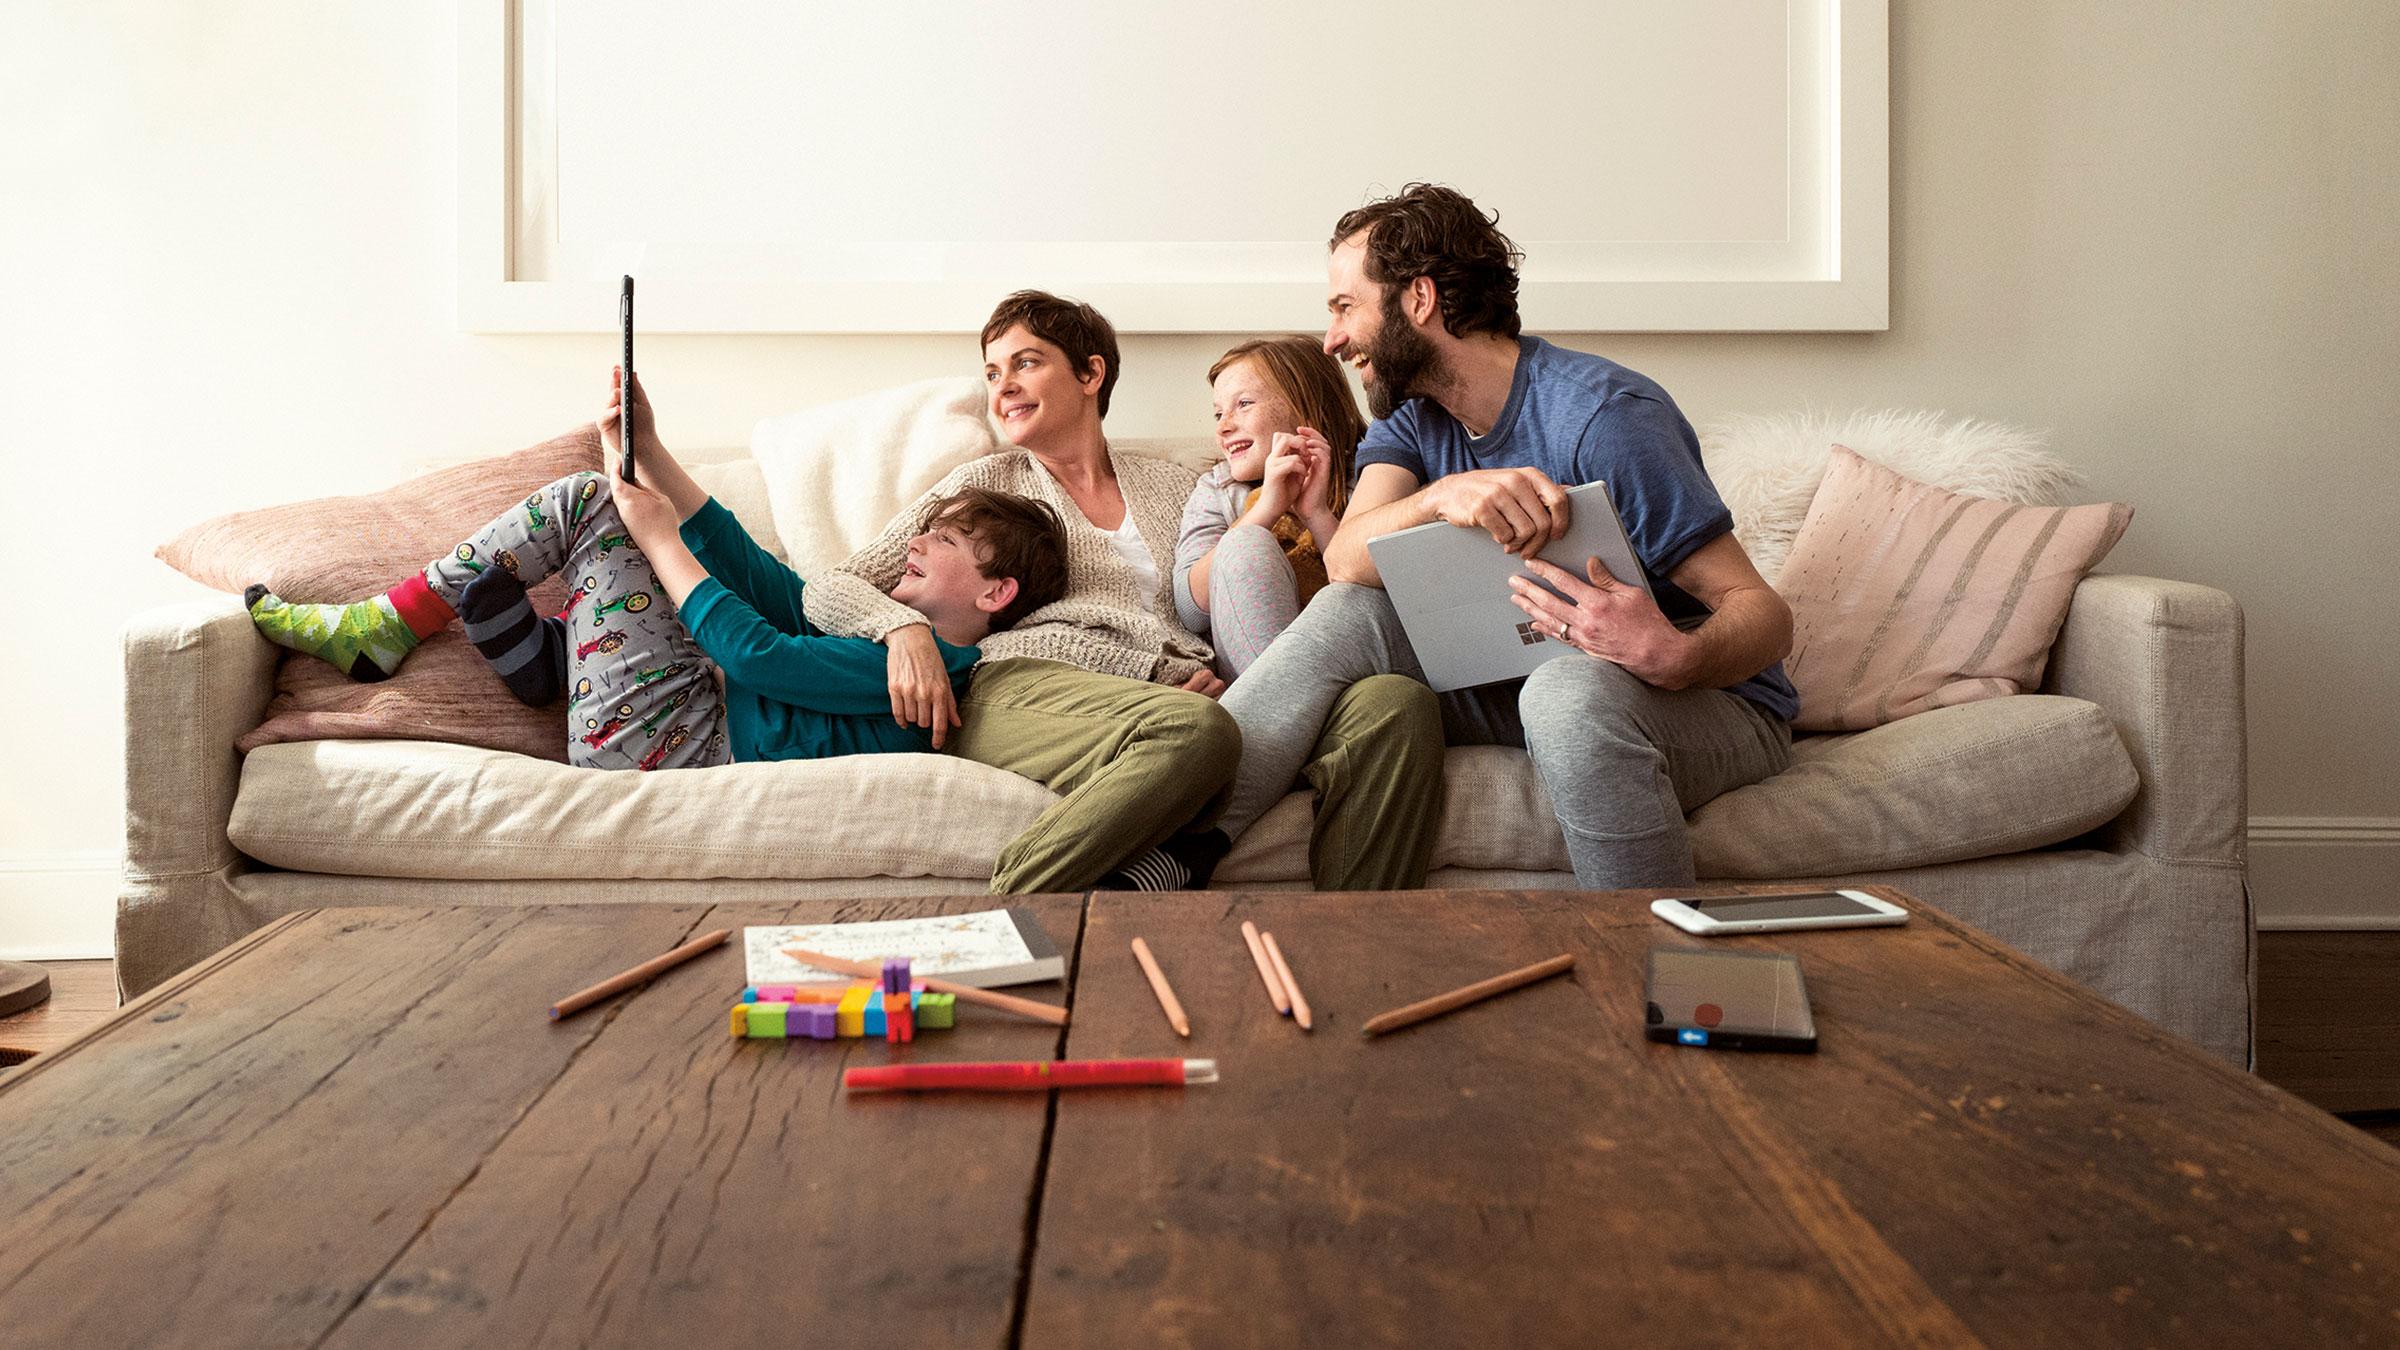 Una familia en un sofá mirando un dispositivo Surface Pro de Microsoft